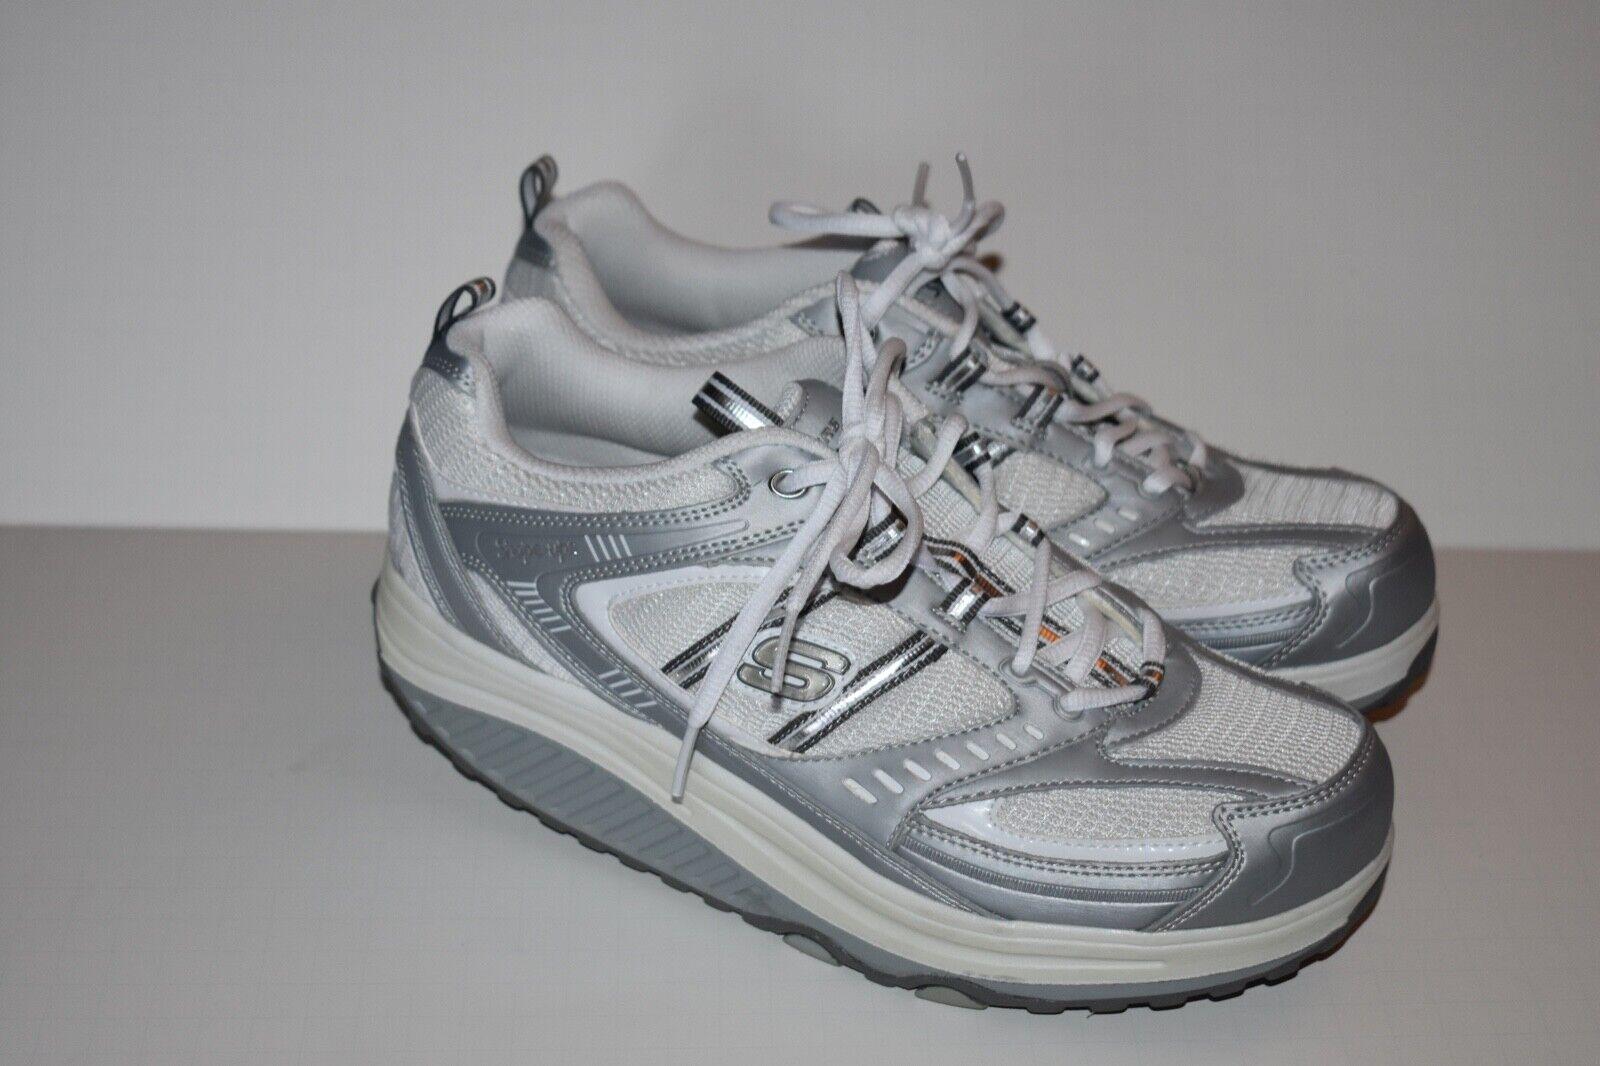 Precio por piso Sketchers Shape Ups 11814 para mujer de de de caminar o tonificación zapatos   como Nuevo   Las ventas en línea ahorran un 70%.